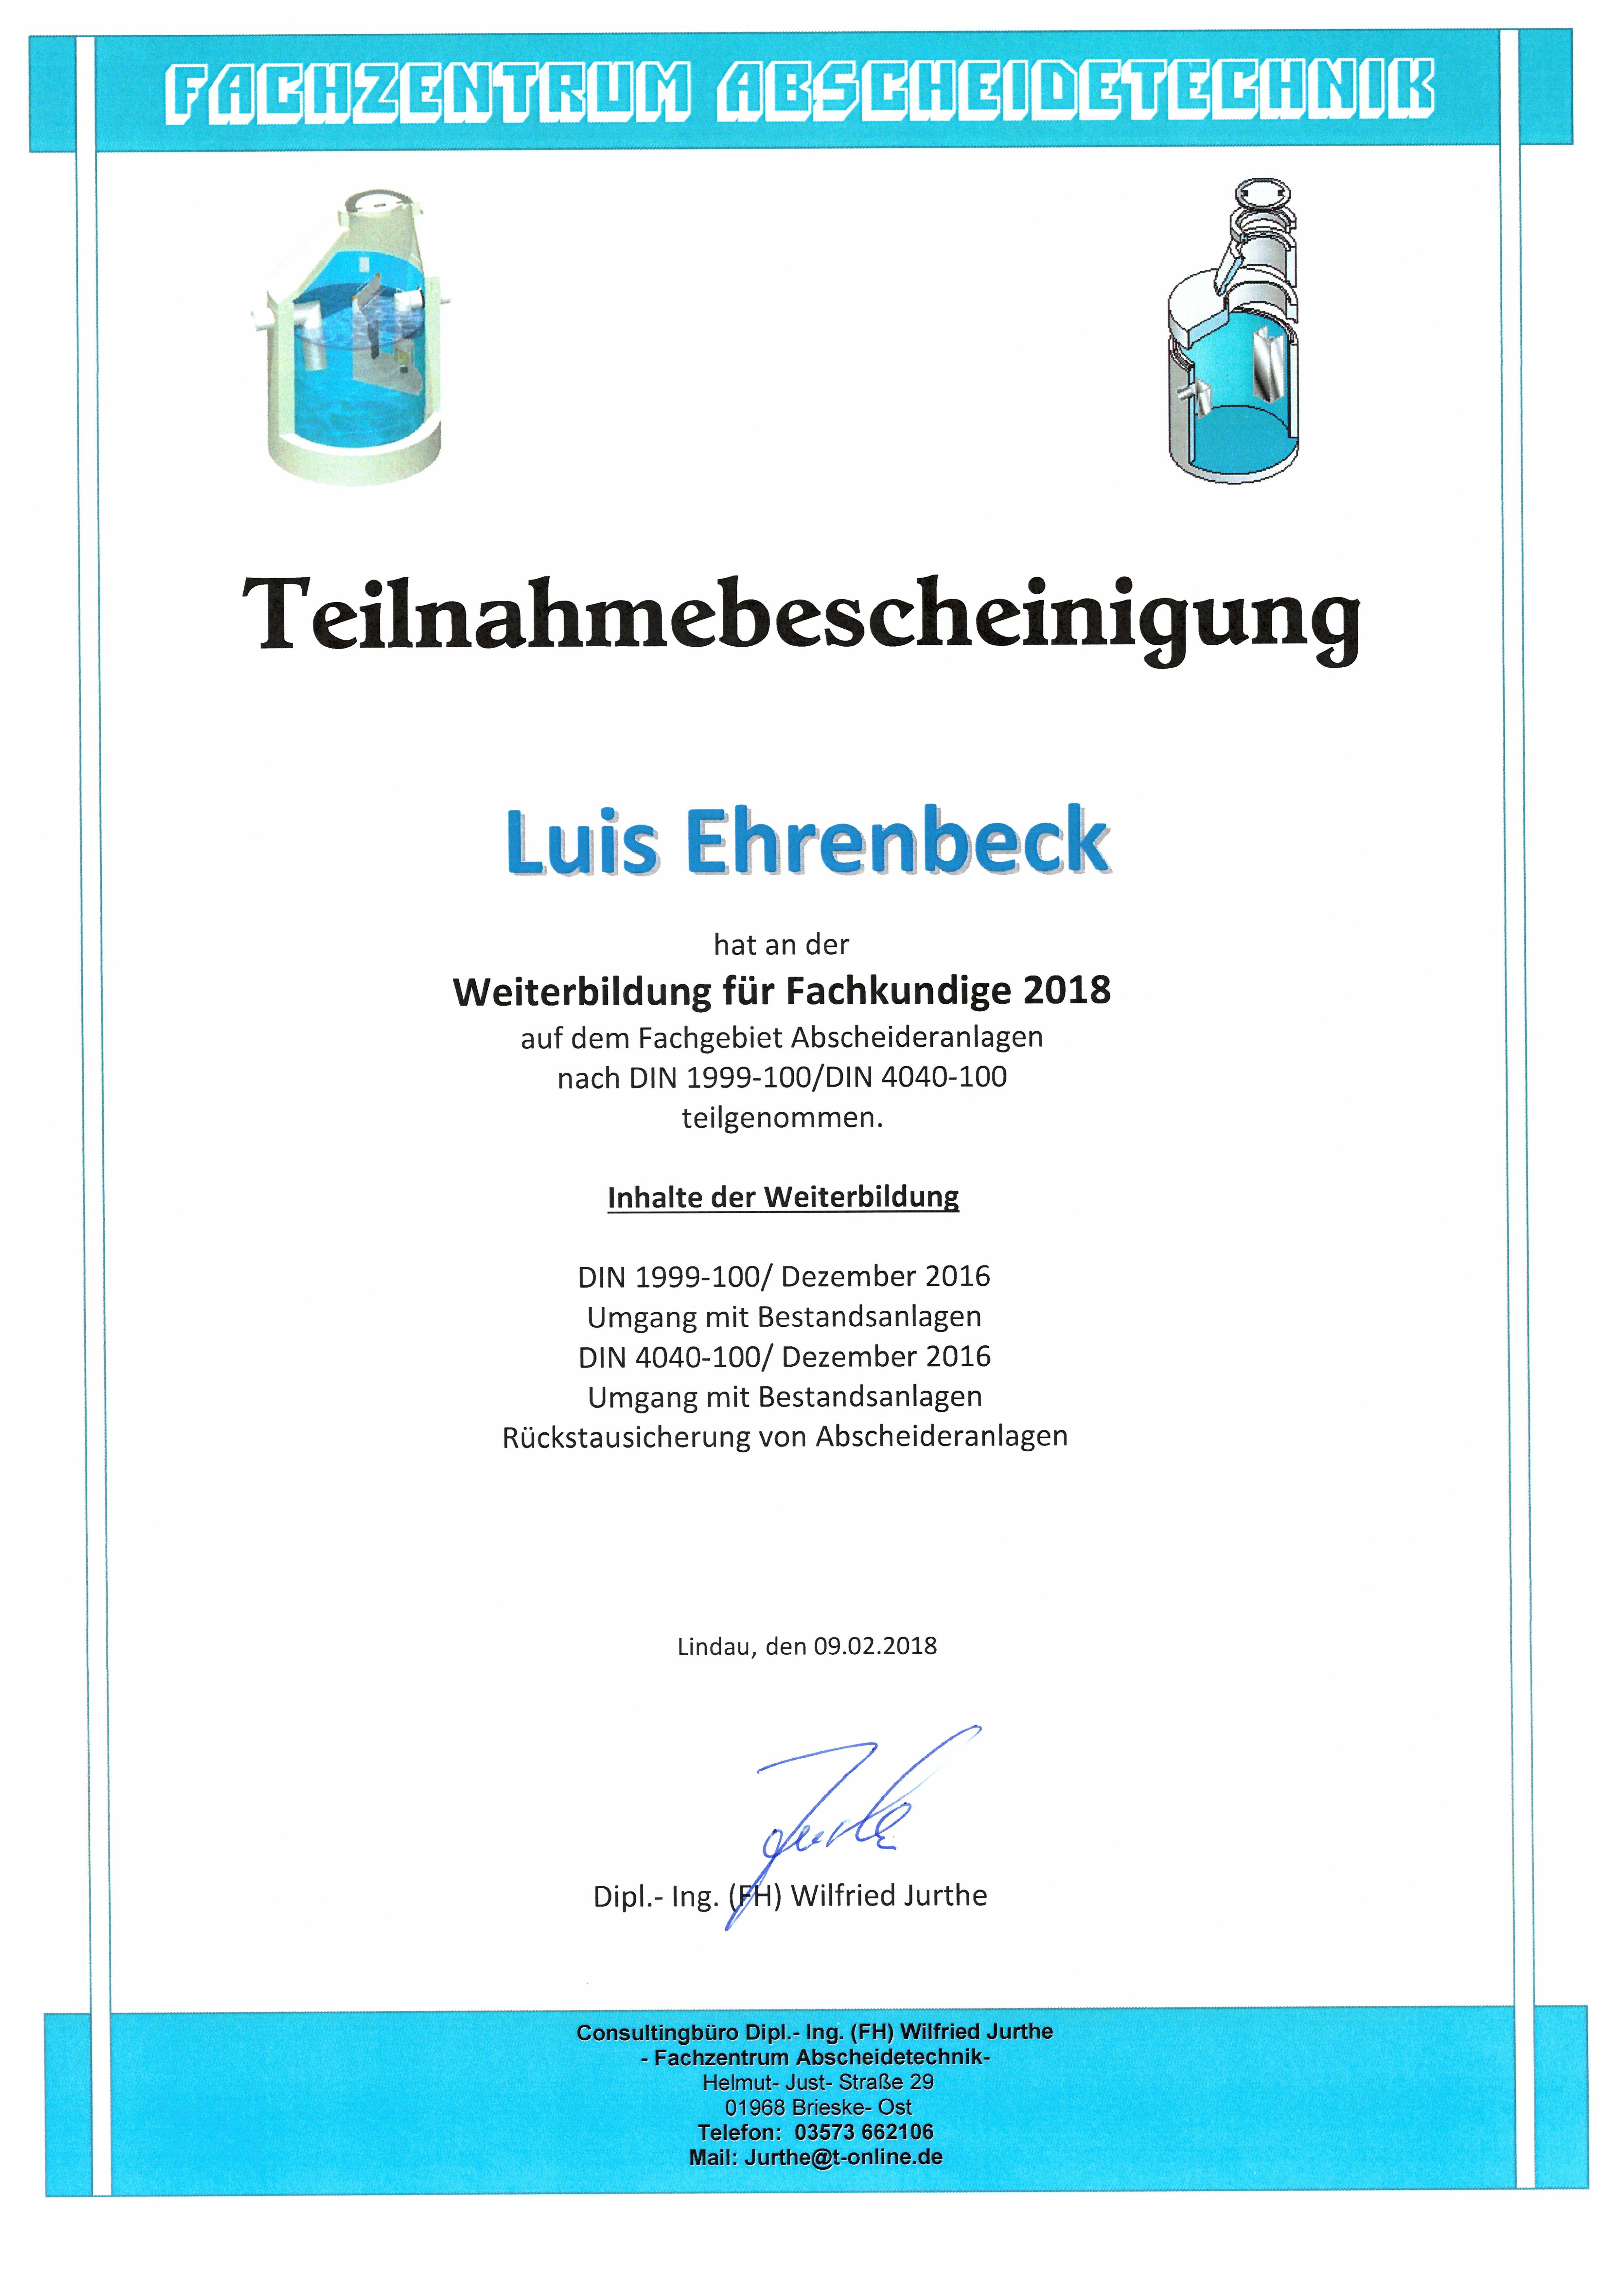 Weiterbildung Fachkunde Abscheideranlagen - Ehrenbeck